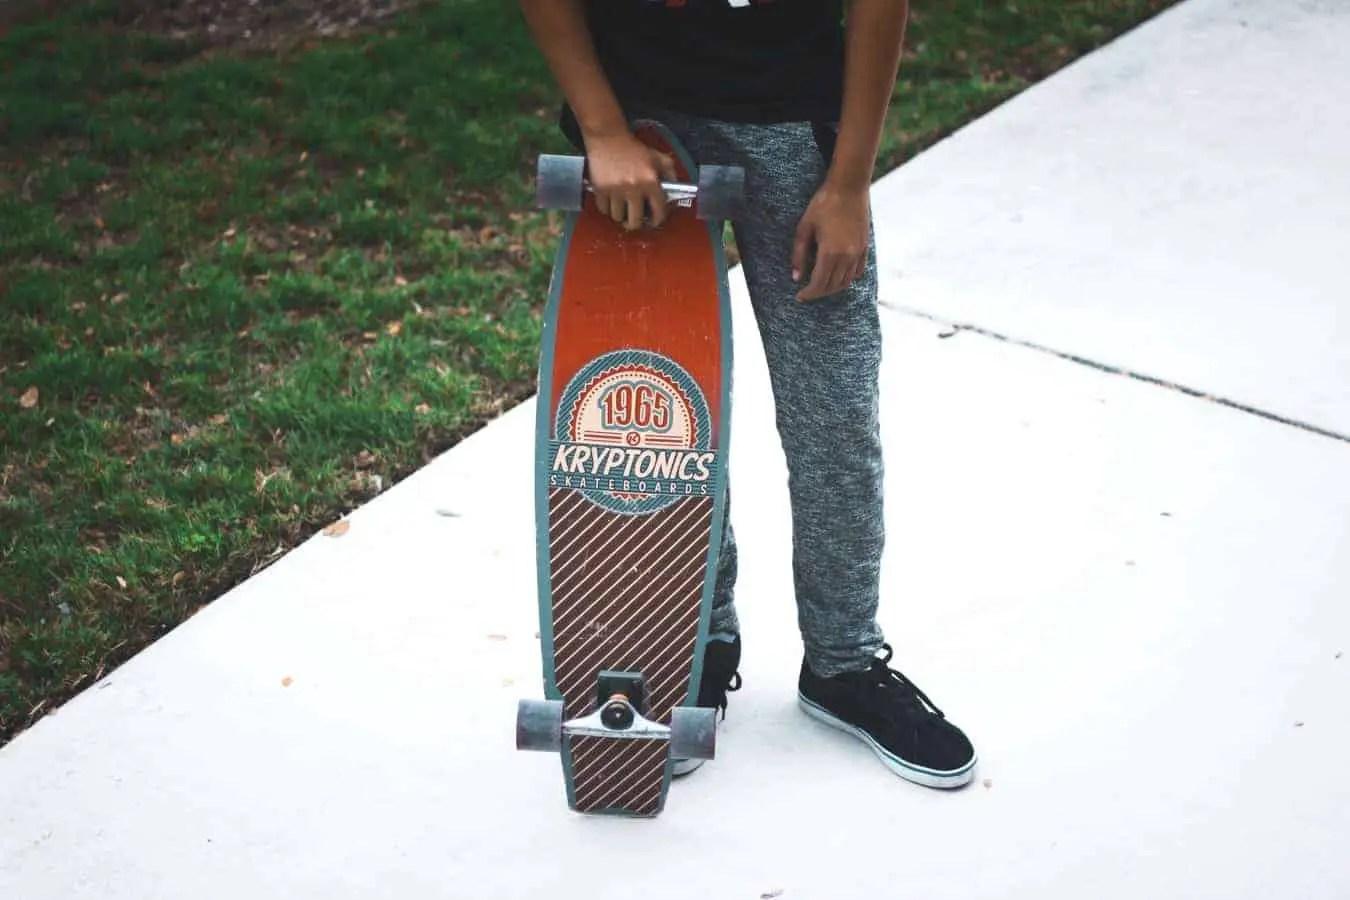 Best Old School Skateboard Decks